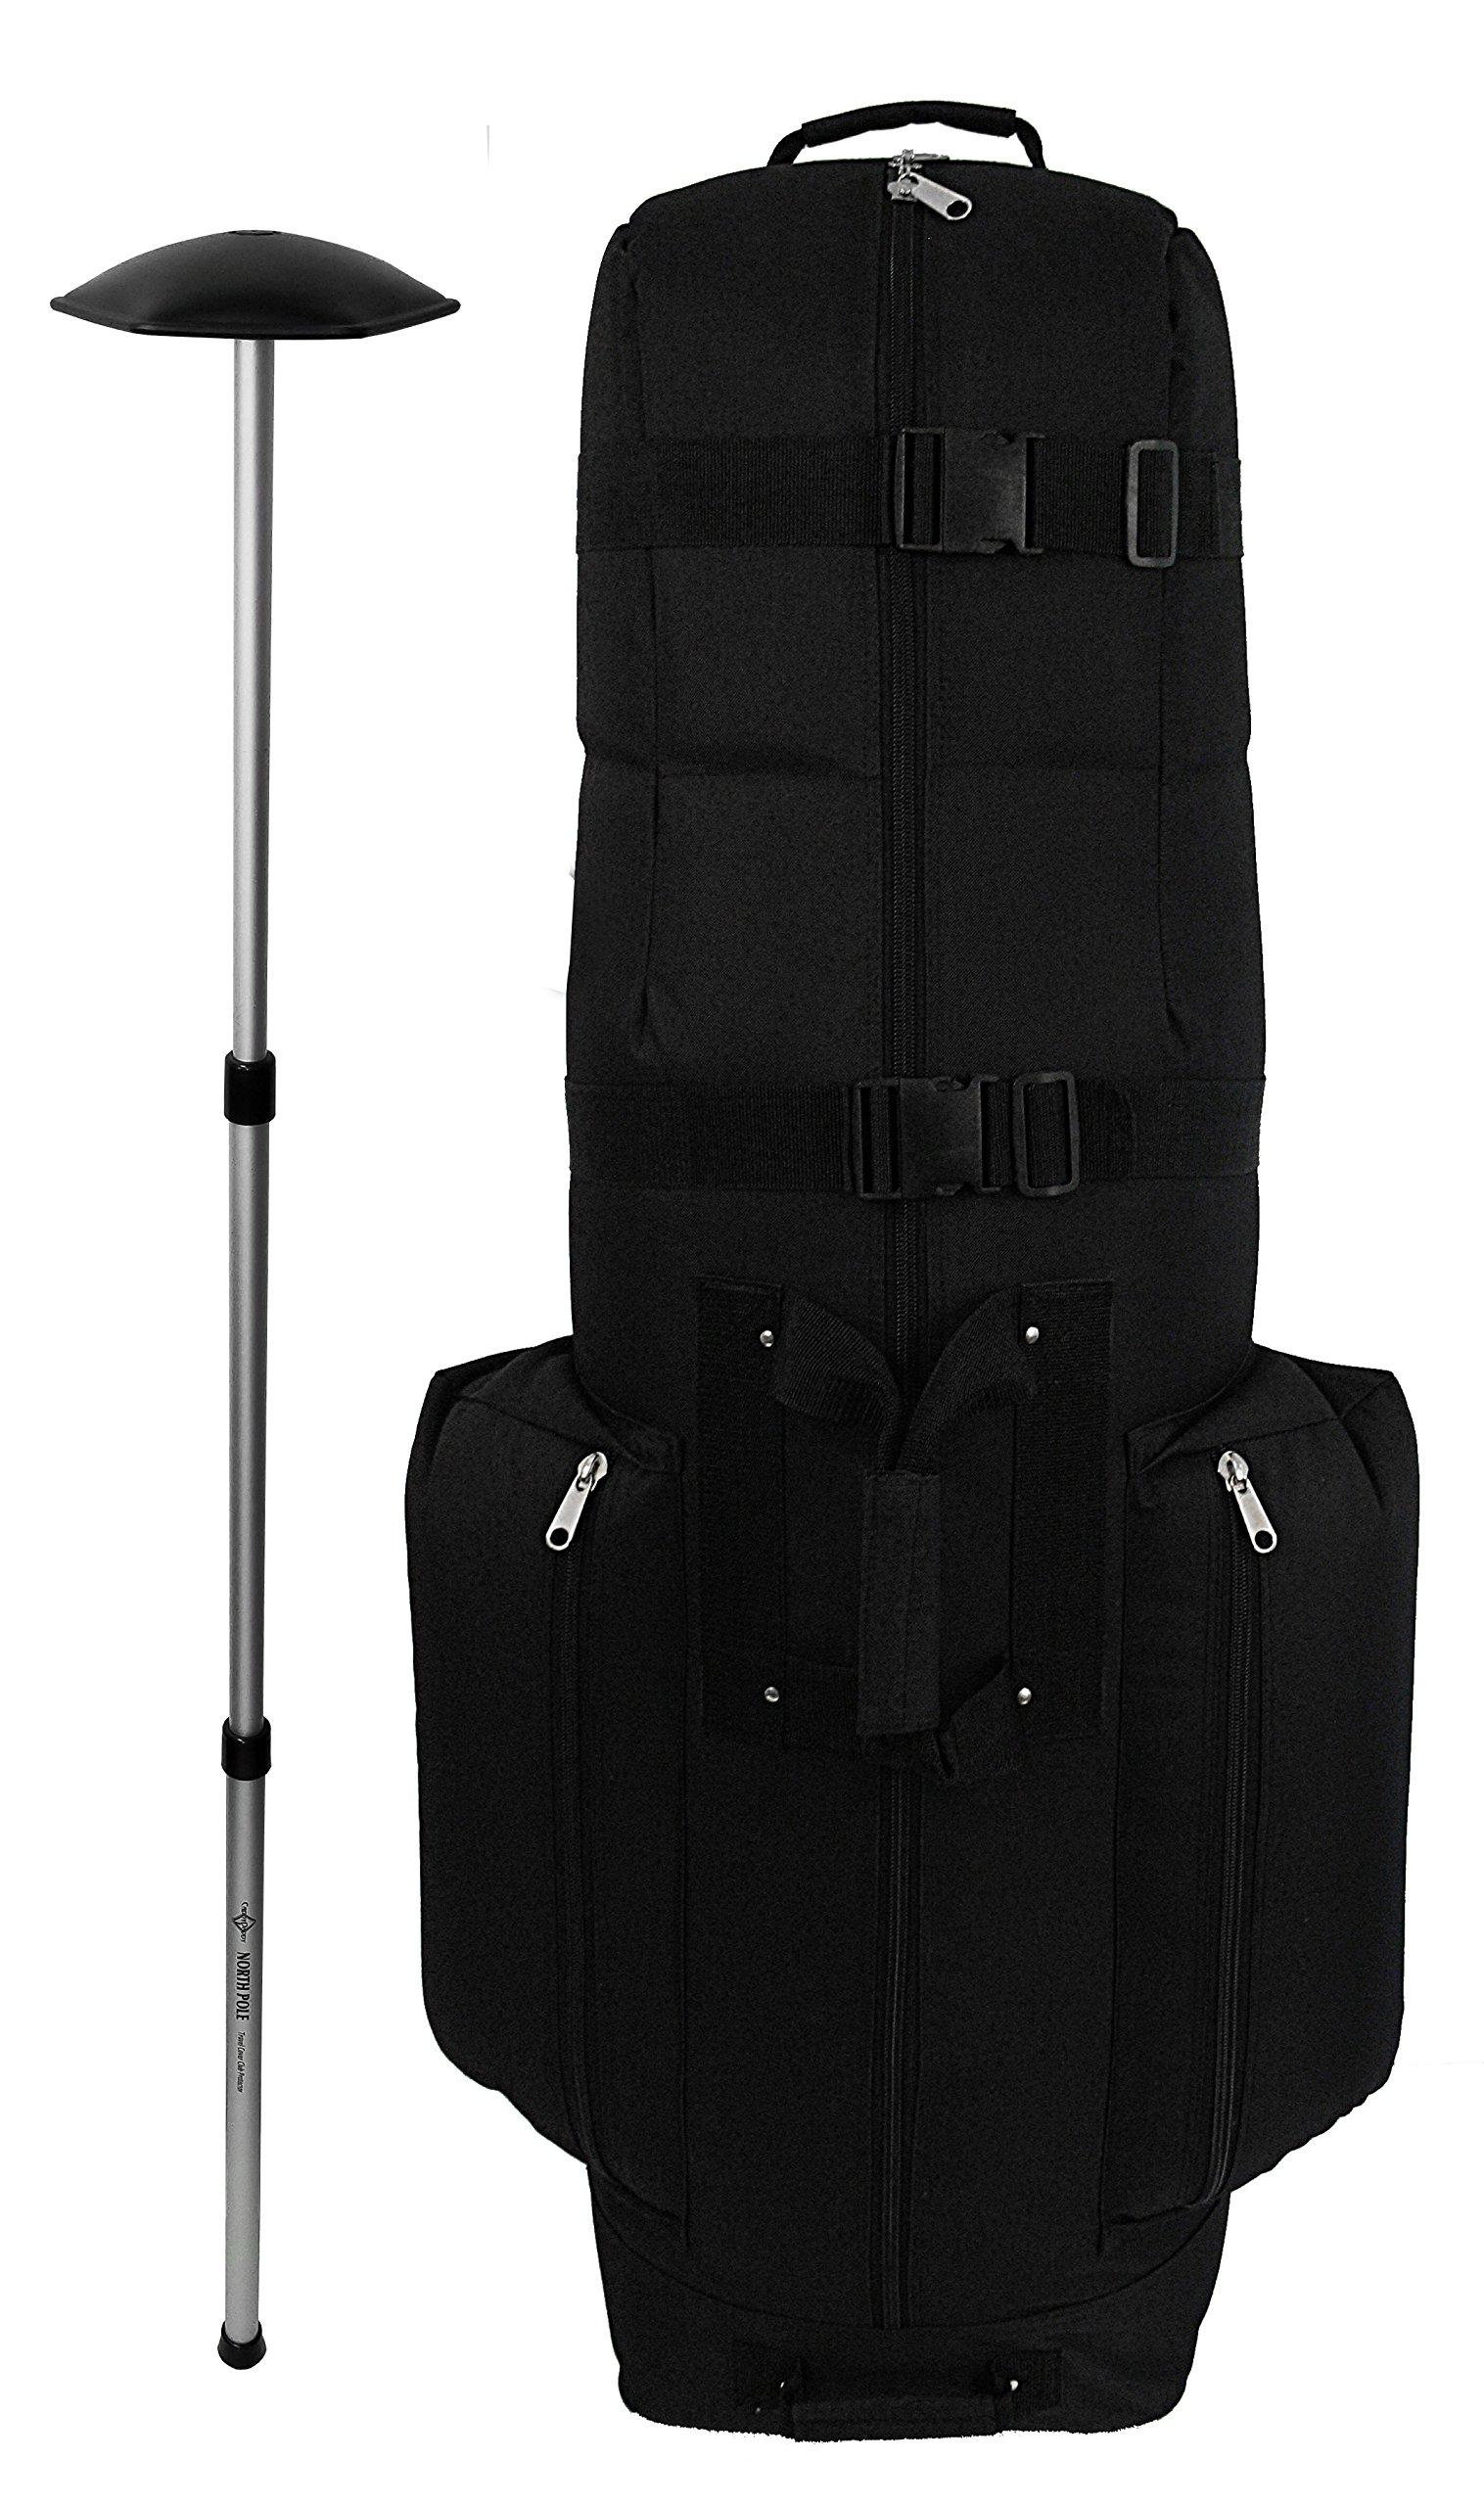 CaddyDaddy Golf CDX-10 Golf Bag Travel Cover with North Pole Club Protector, Black by CaddyDaddy